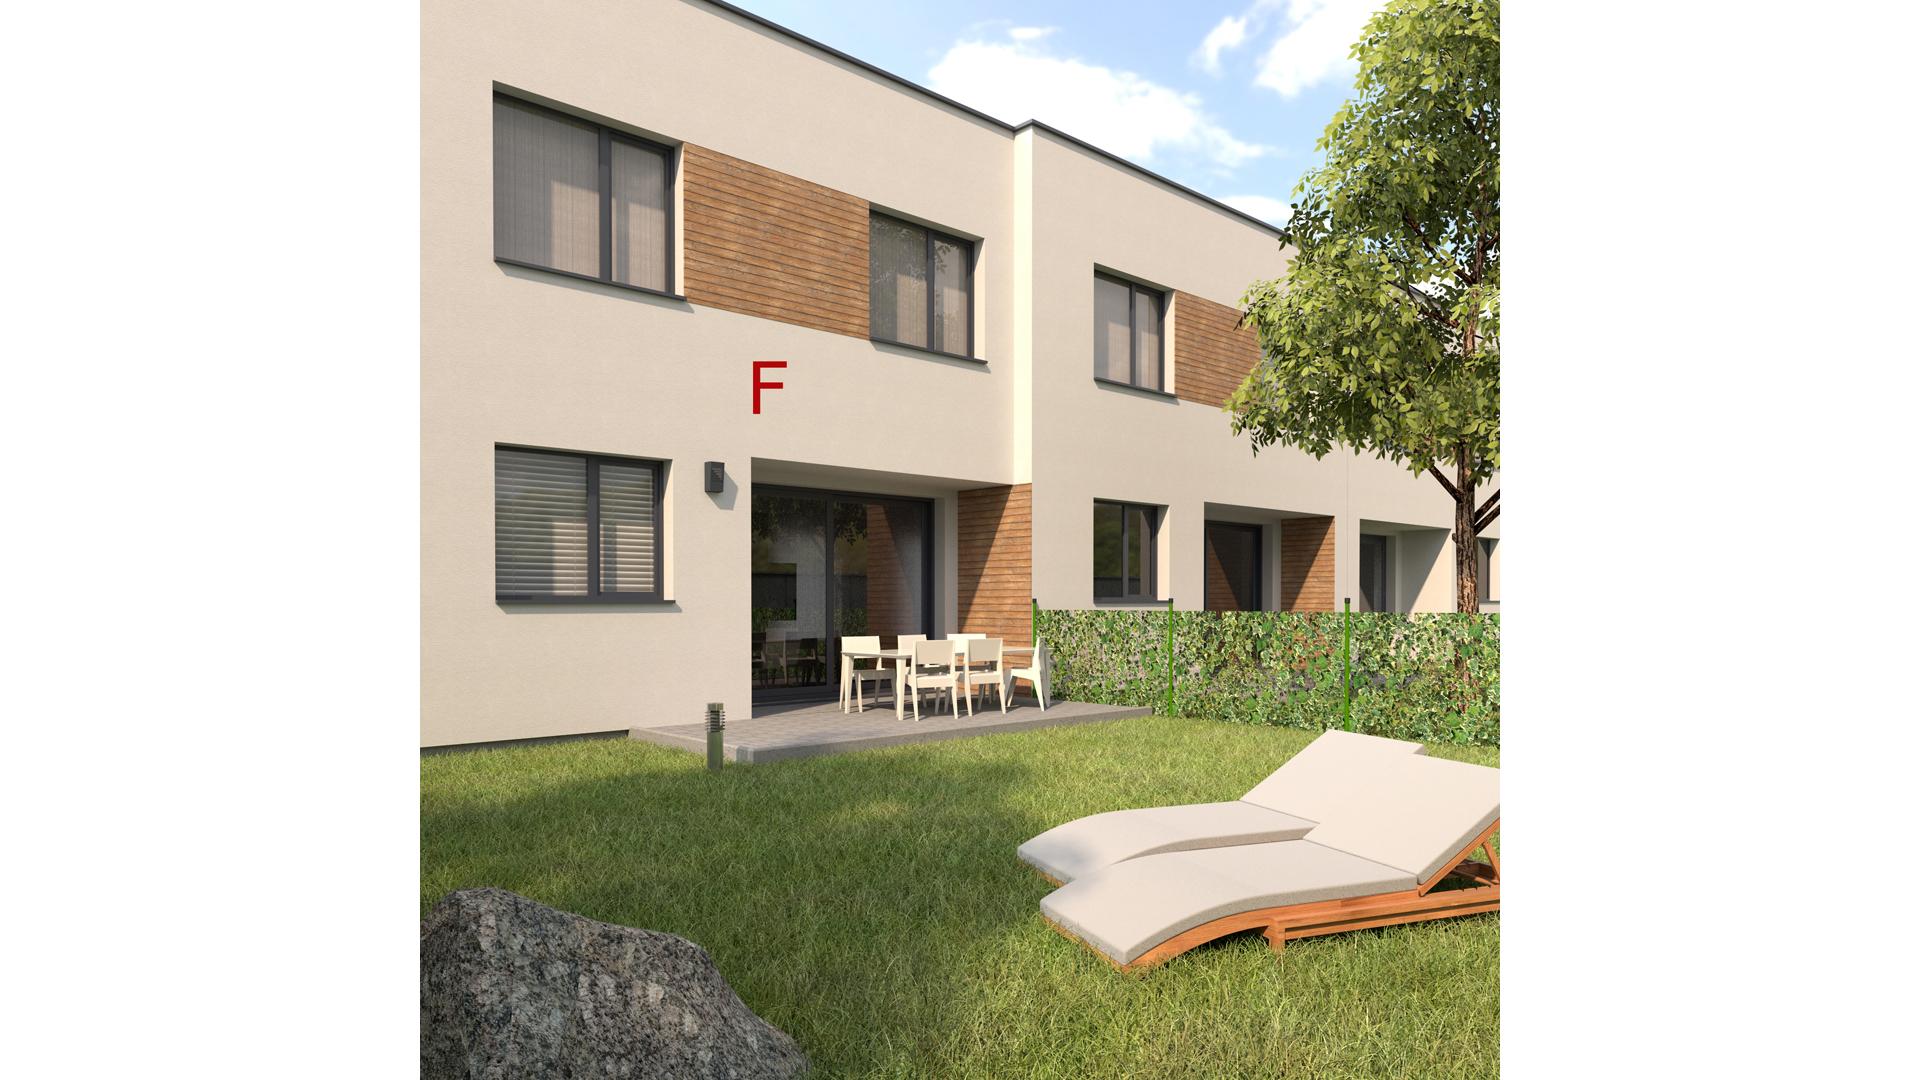 5 izbový rodinný dom, holodom, novostavba v Bernolákove